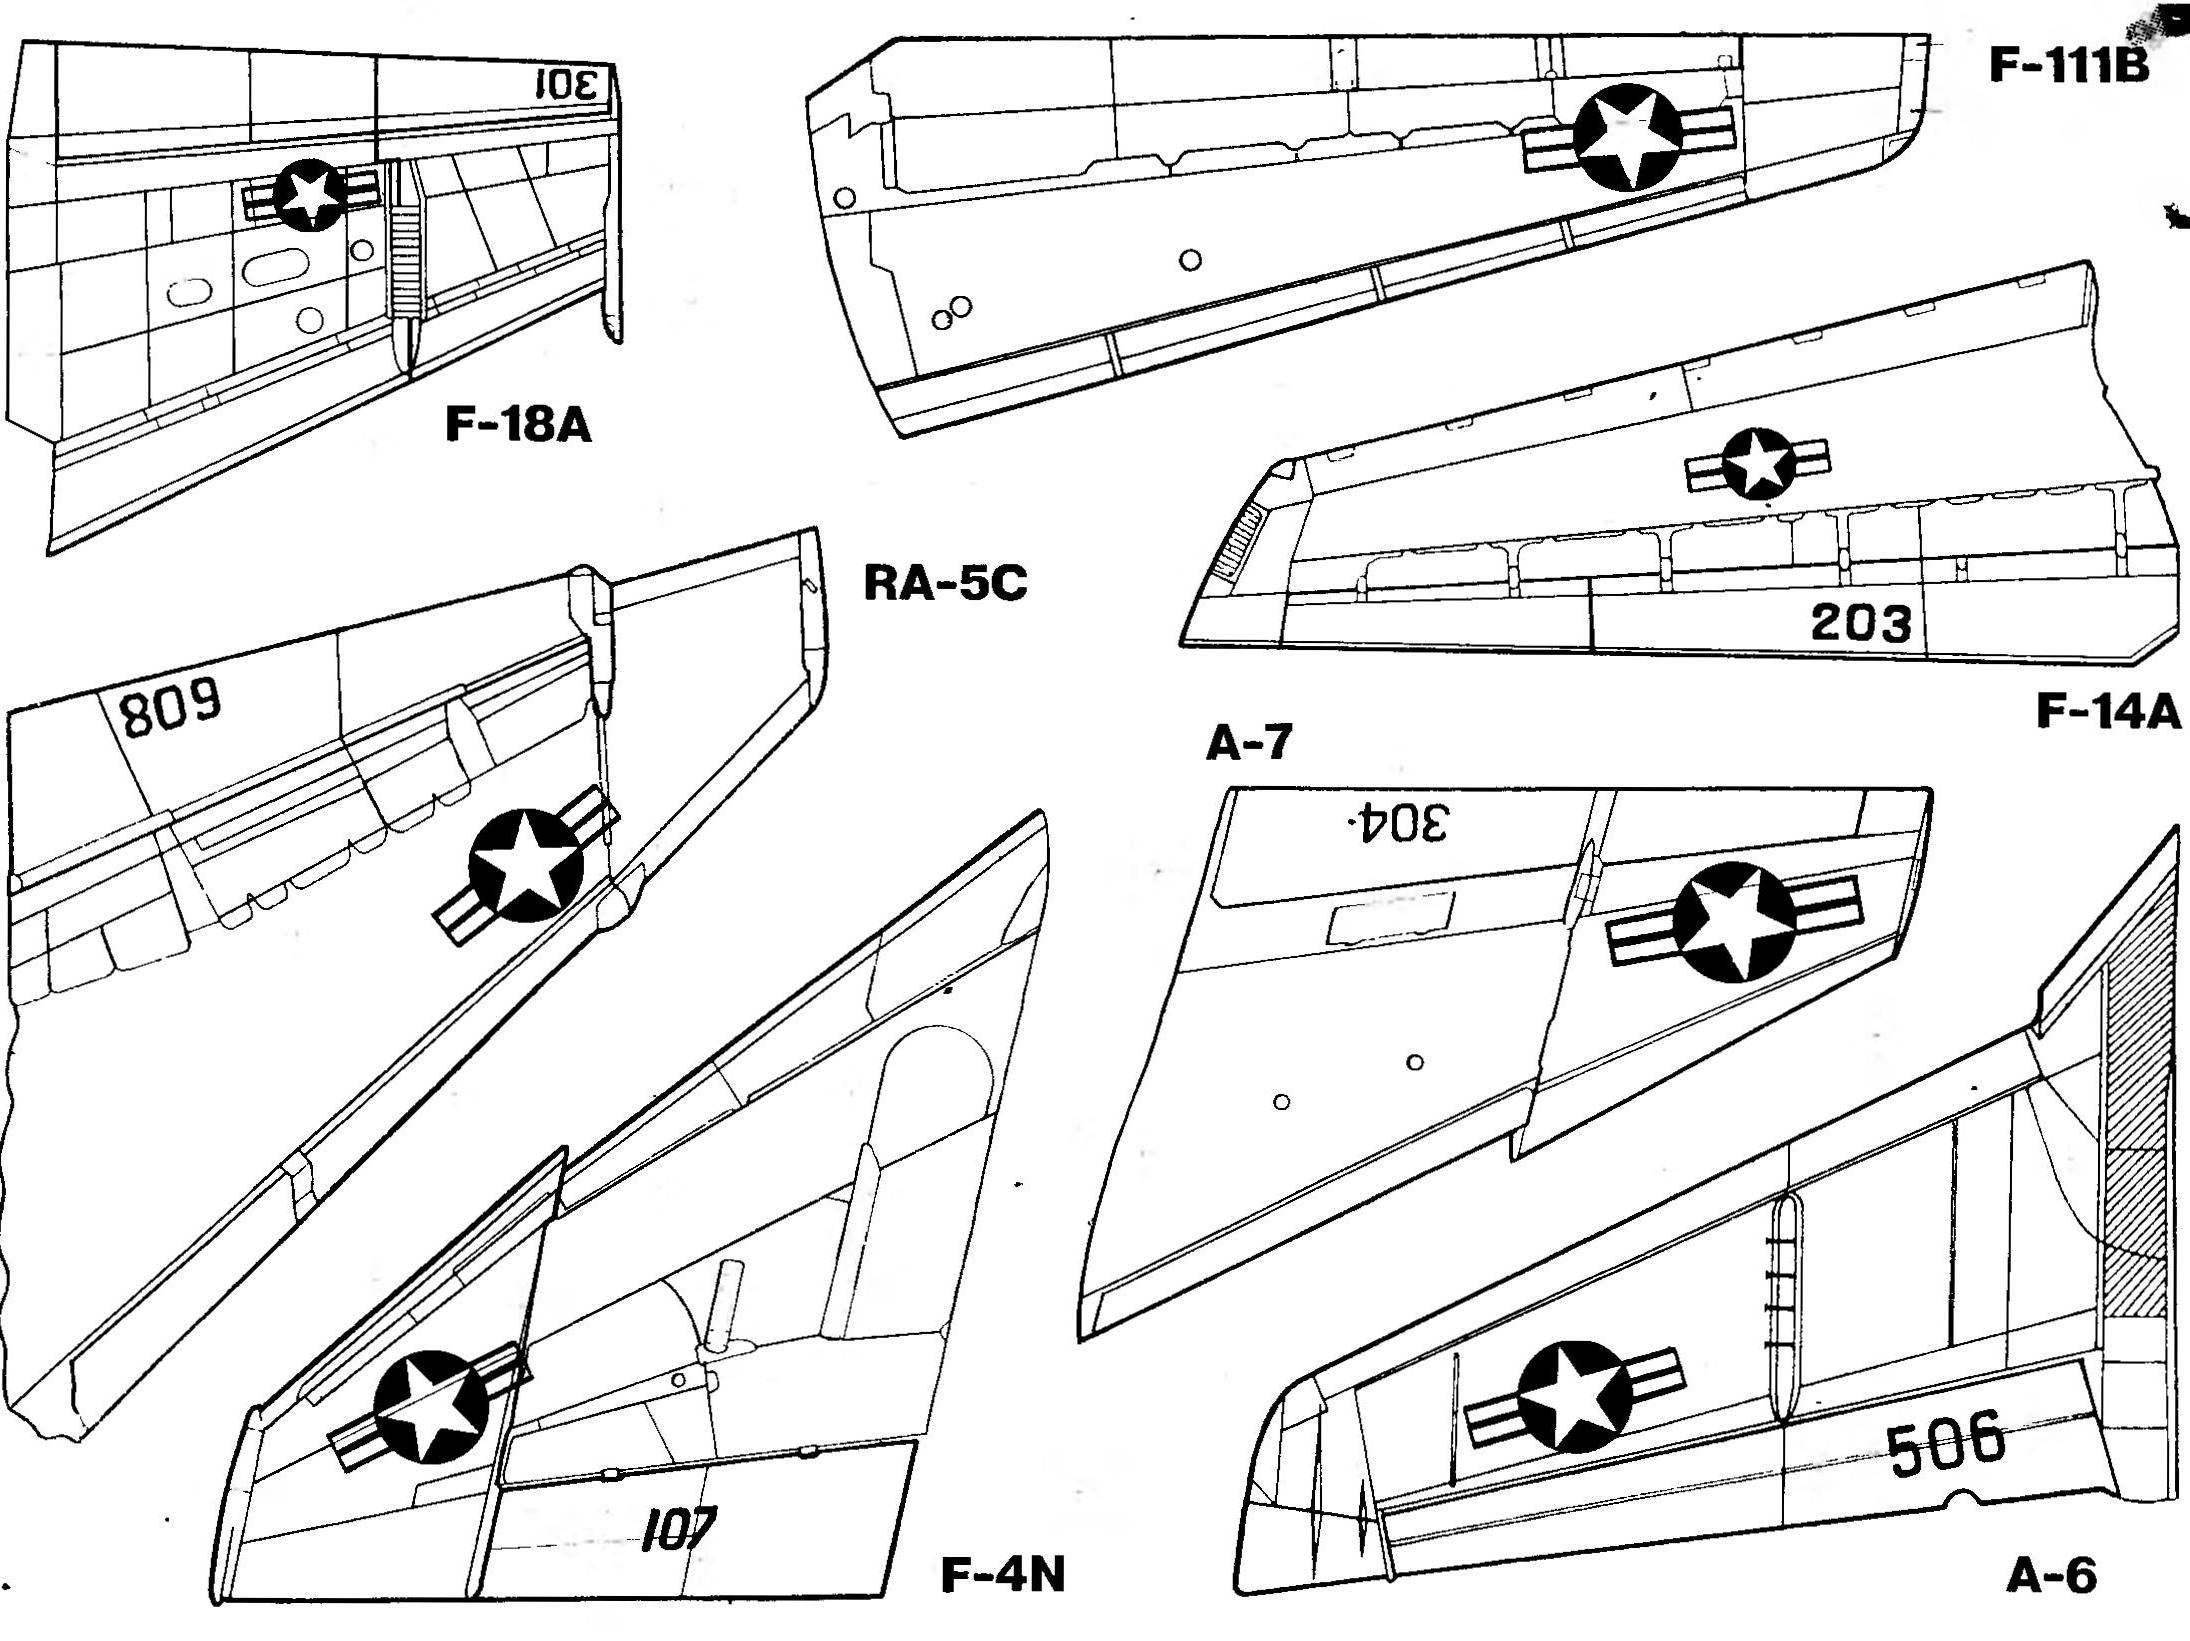 Примеры размещения опознавательных знаков и бортовых номеров на крыльях самолетов